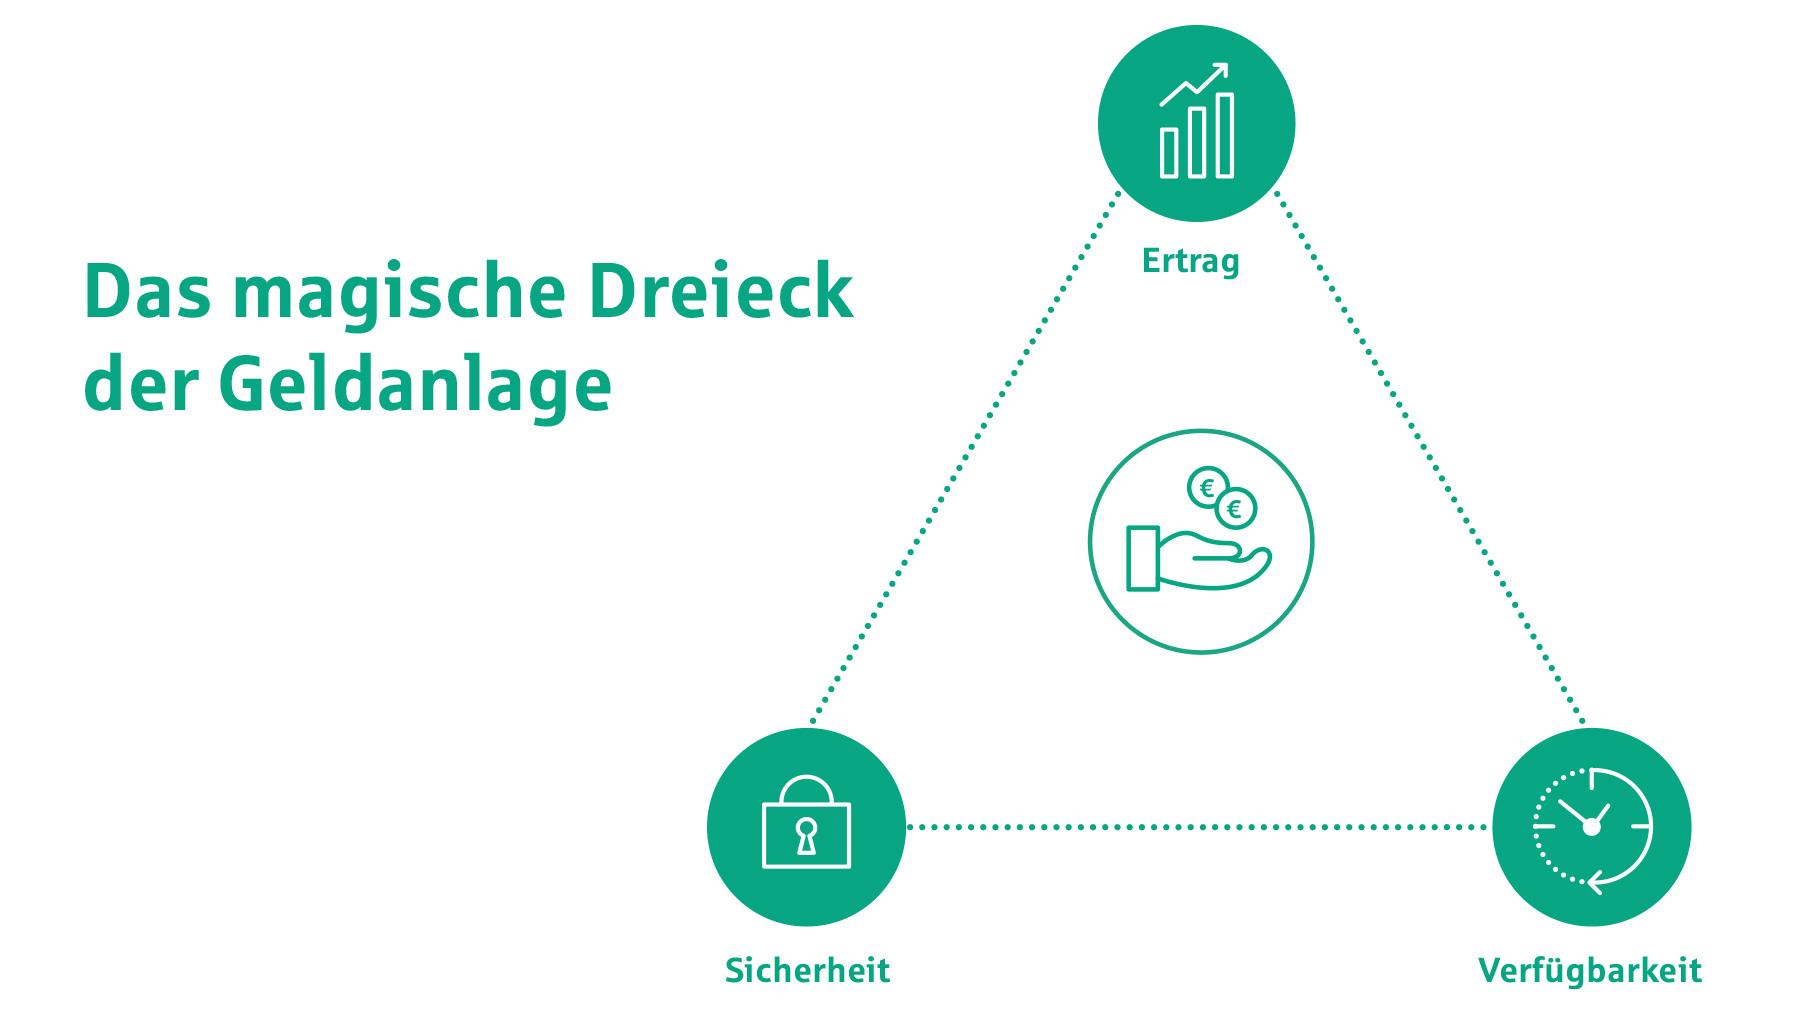 Grafik: Das magische Dreieck der Geldanlage (Ertrag, Sicherheit, Verfügbarkeit).